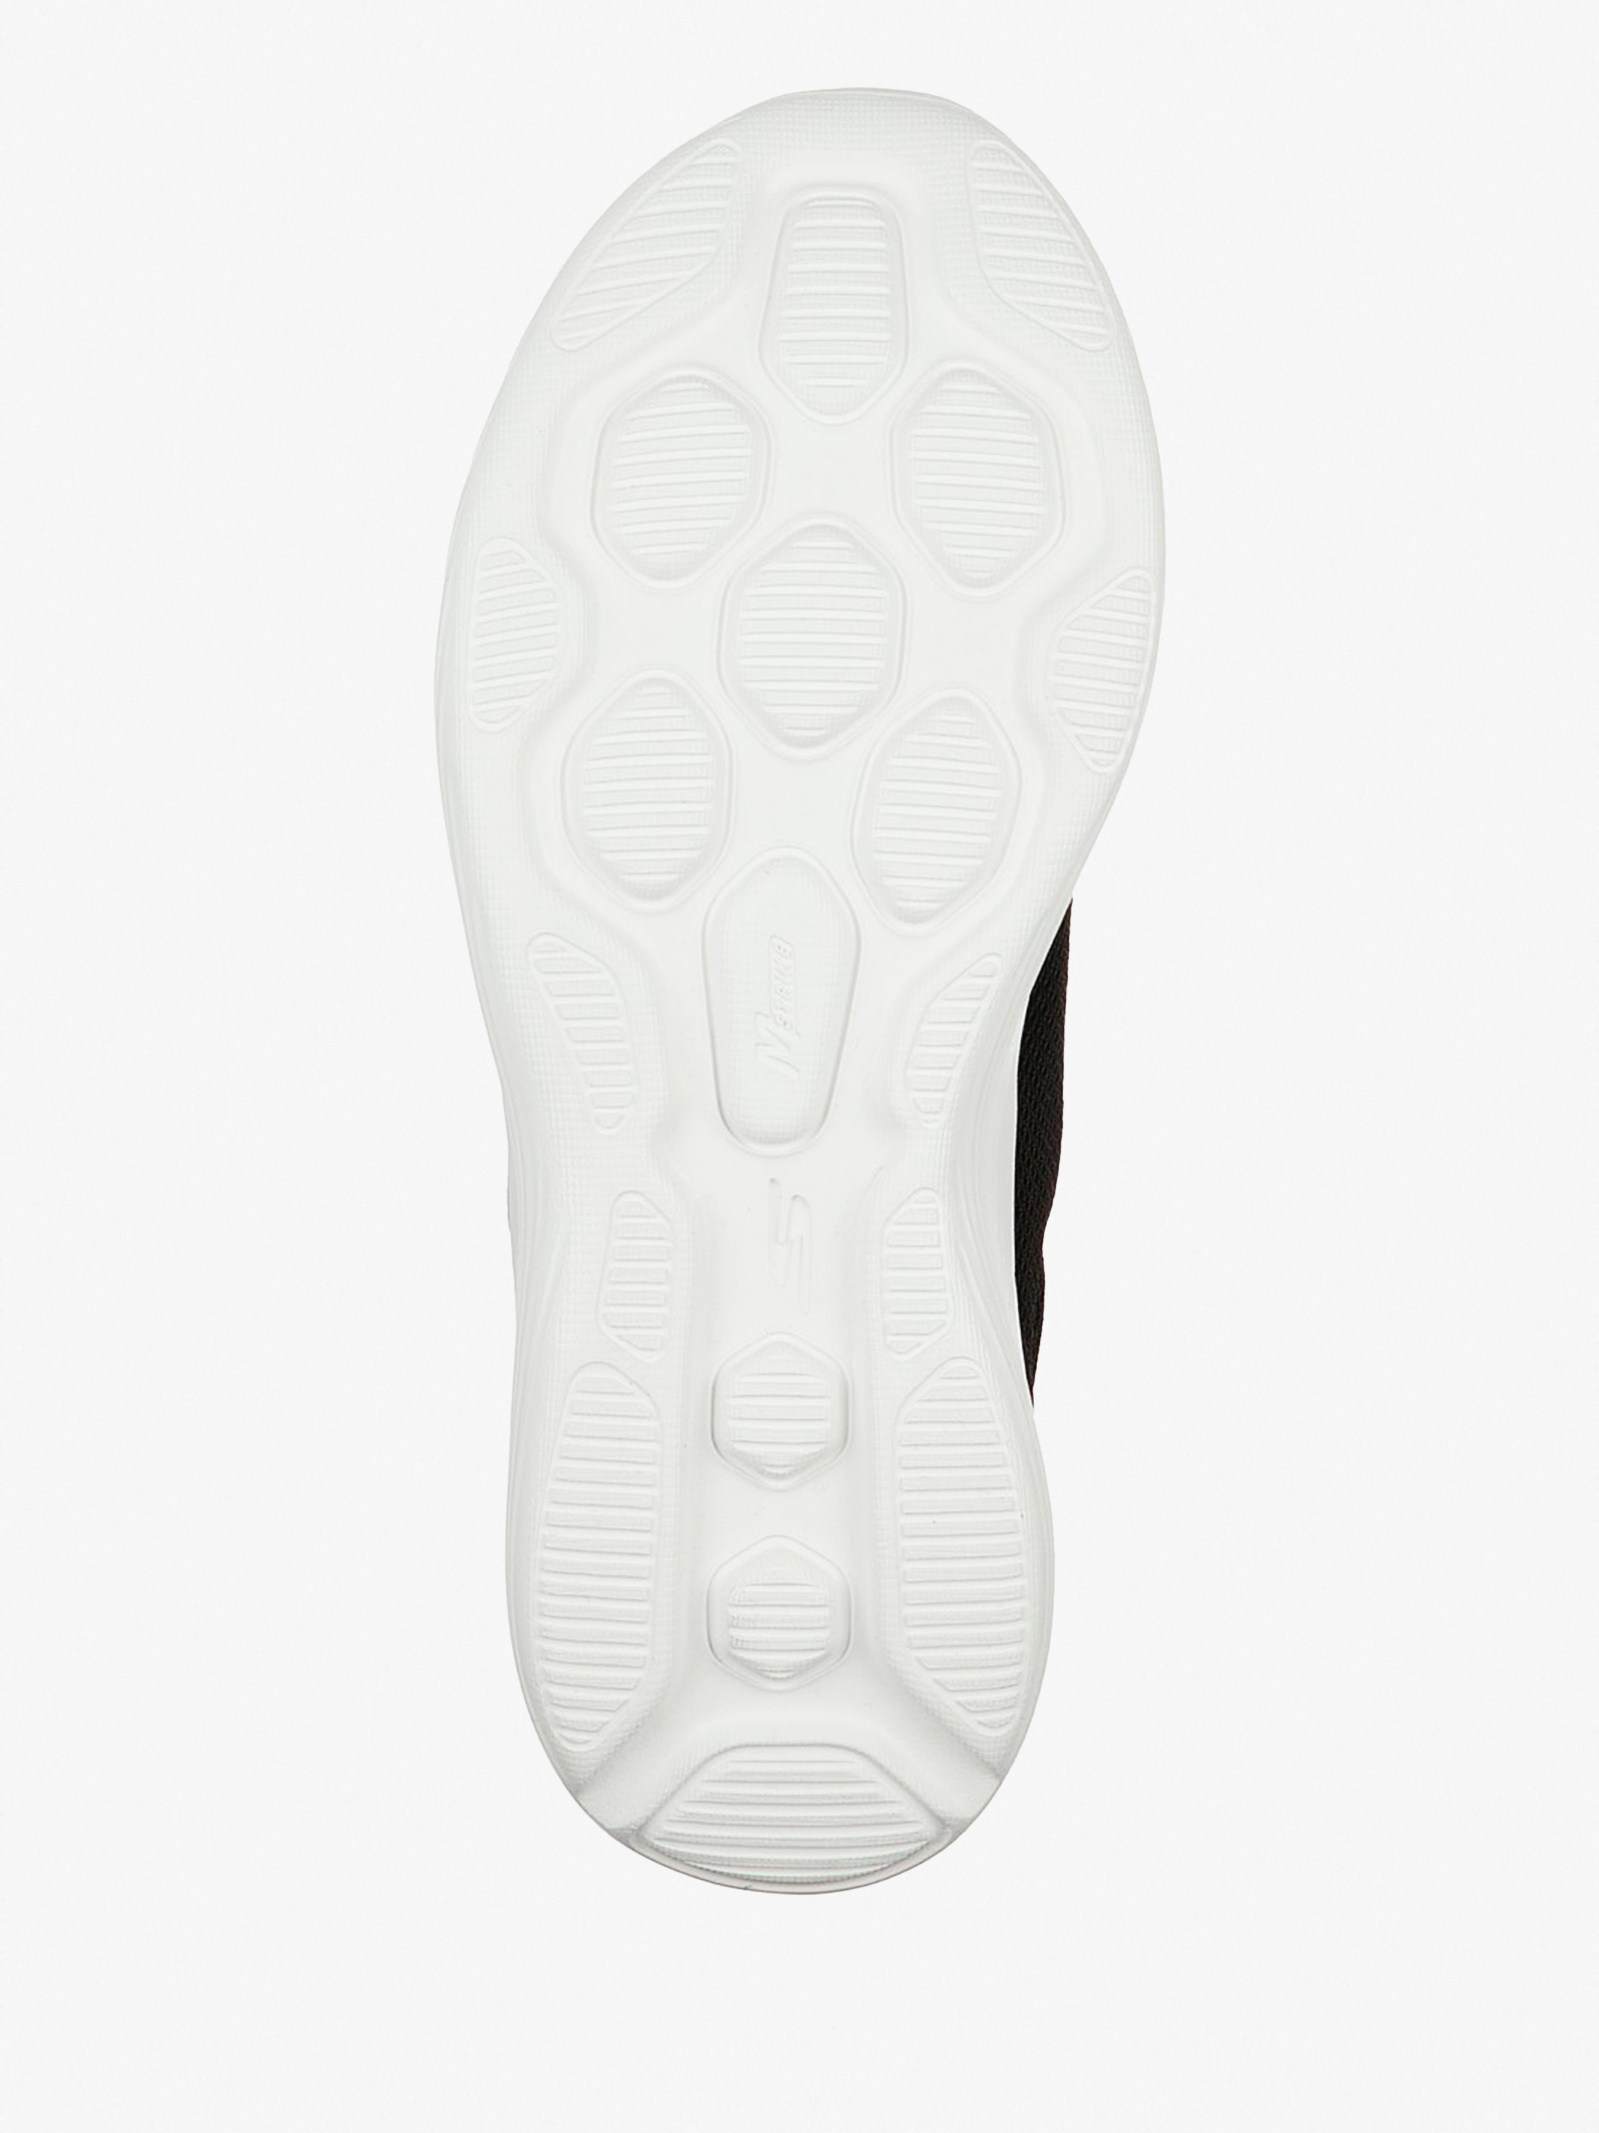 Кроссовки для женщин Skechers Performance 128000 BKPK модная обувь, 2017